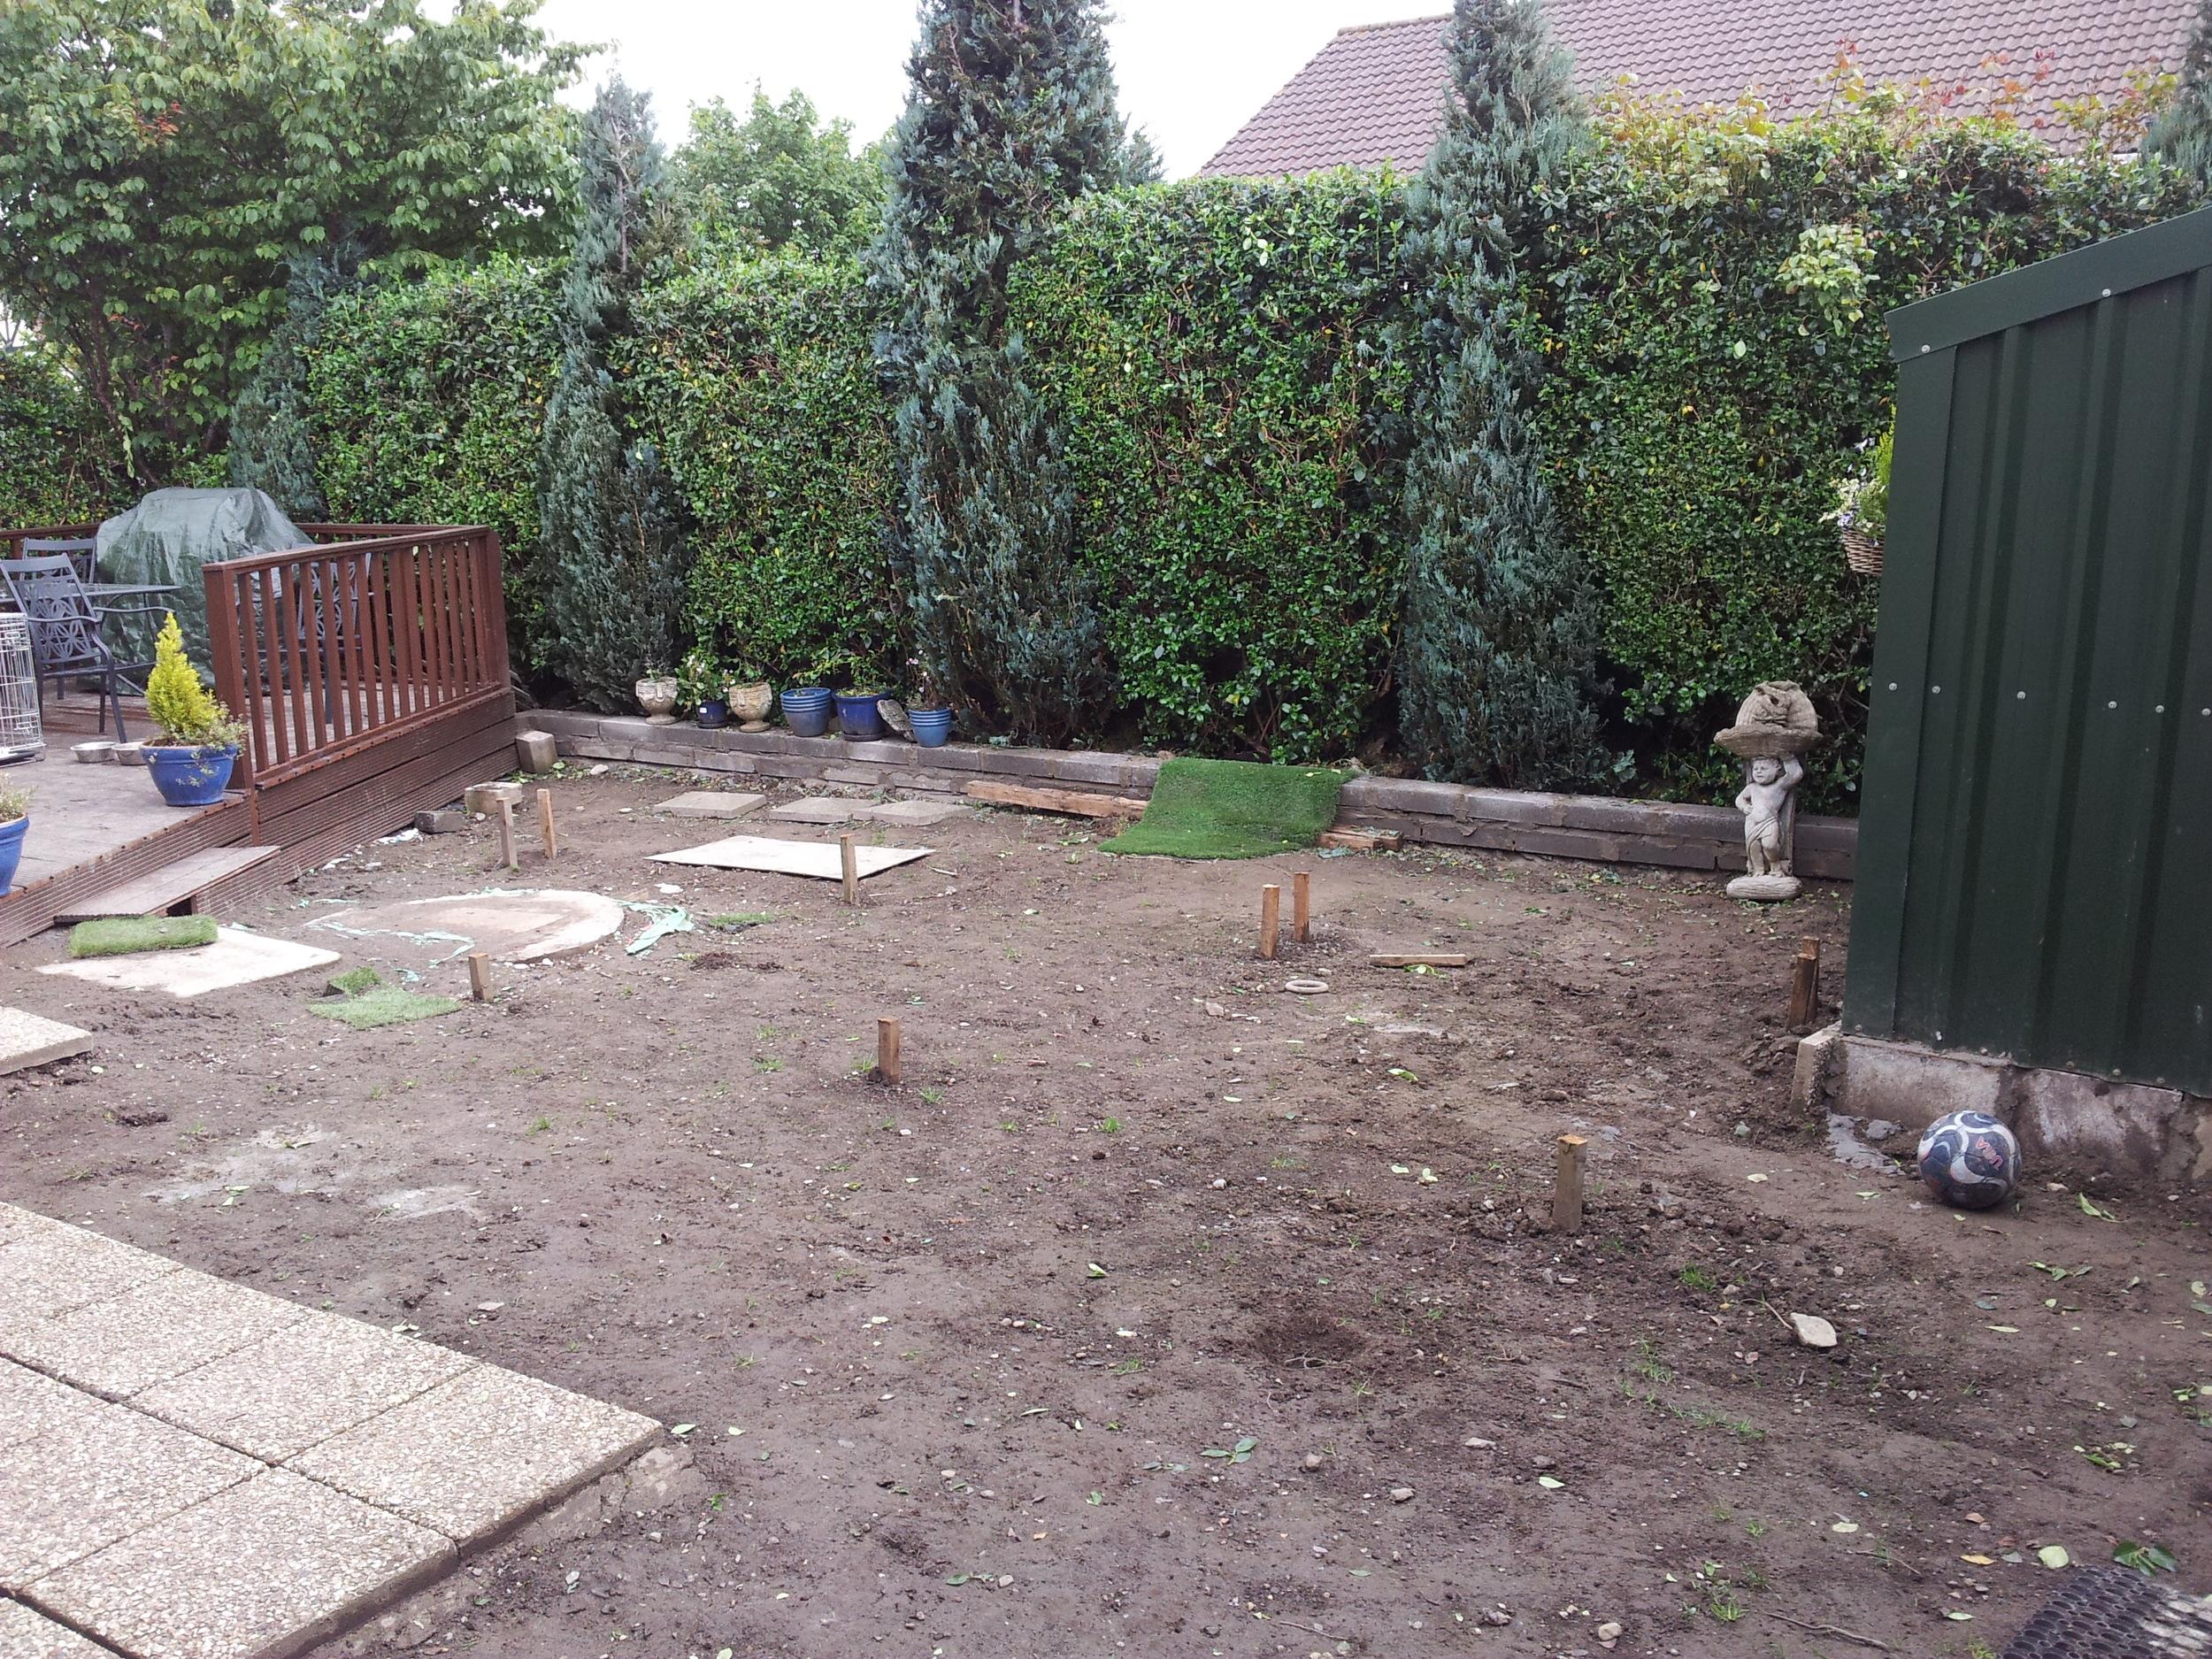 garden before lawn installation.jpg